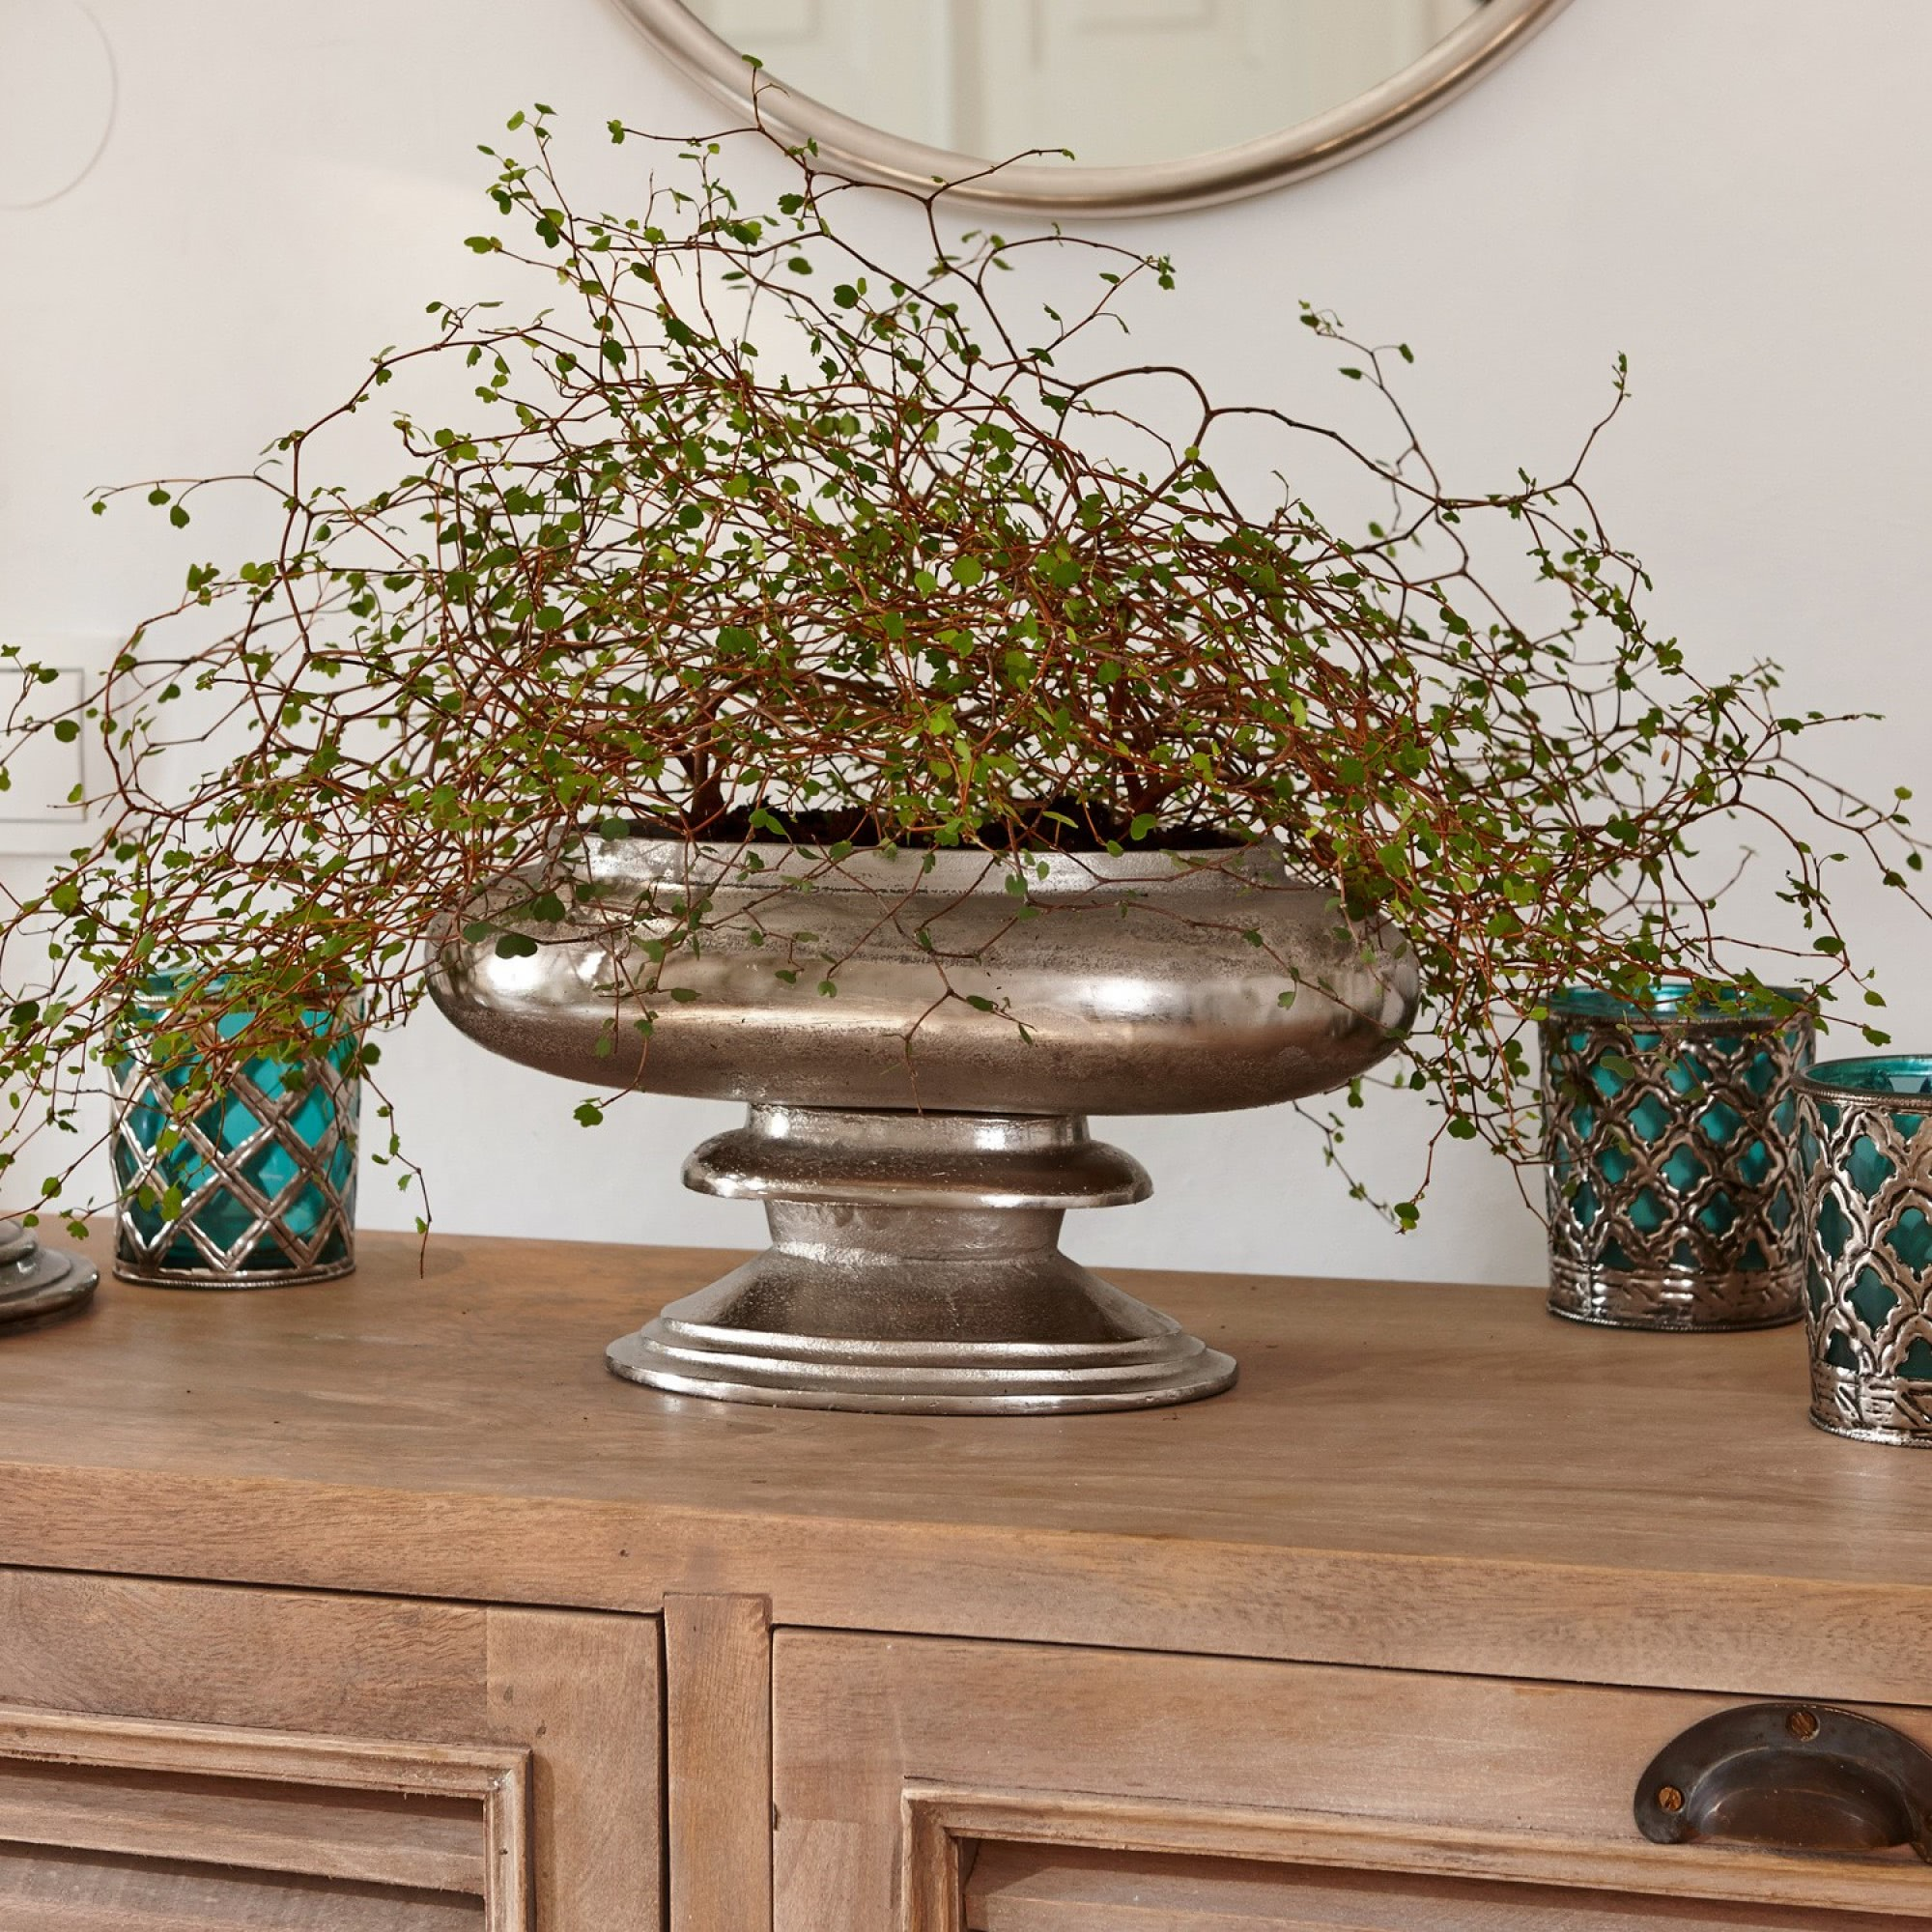 Unterschied Ton Keramik ton keramik unterschied urne in pilzform aus ton keramik nicht